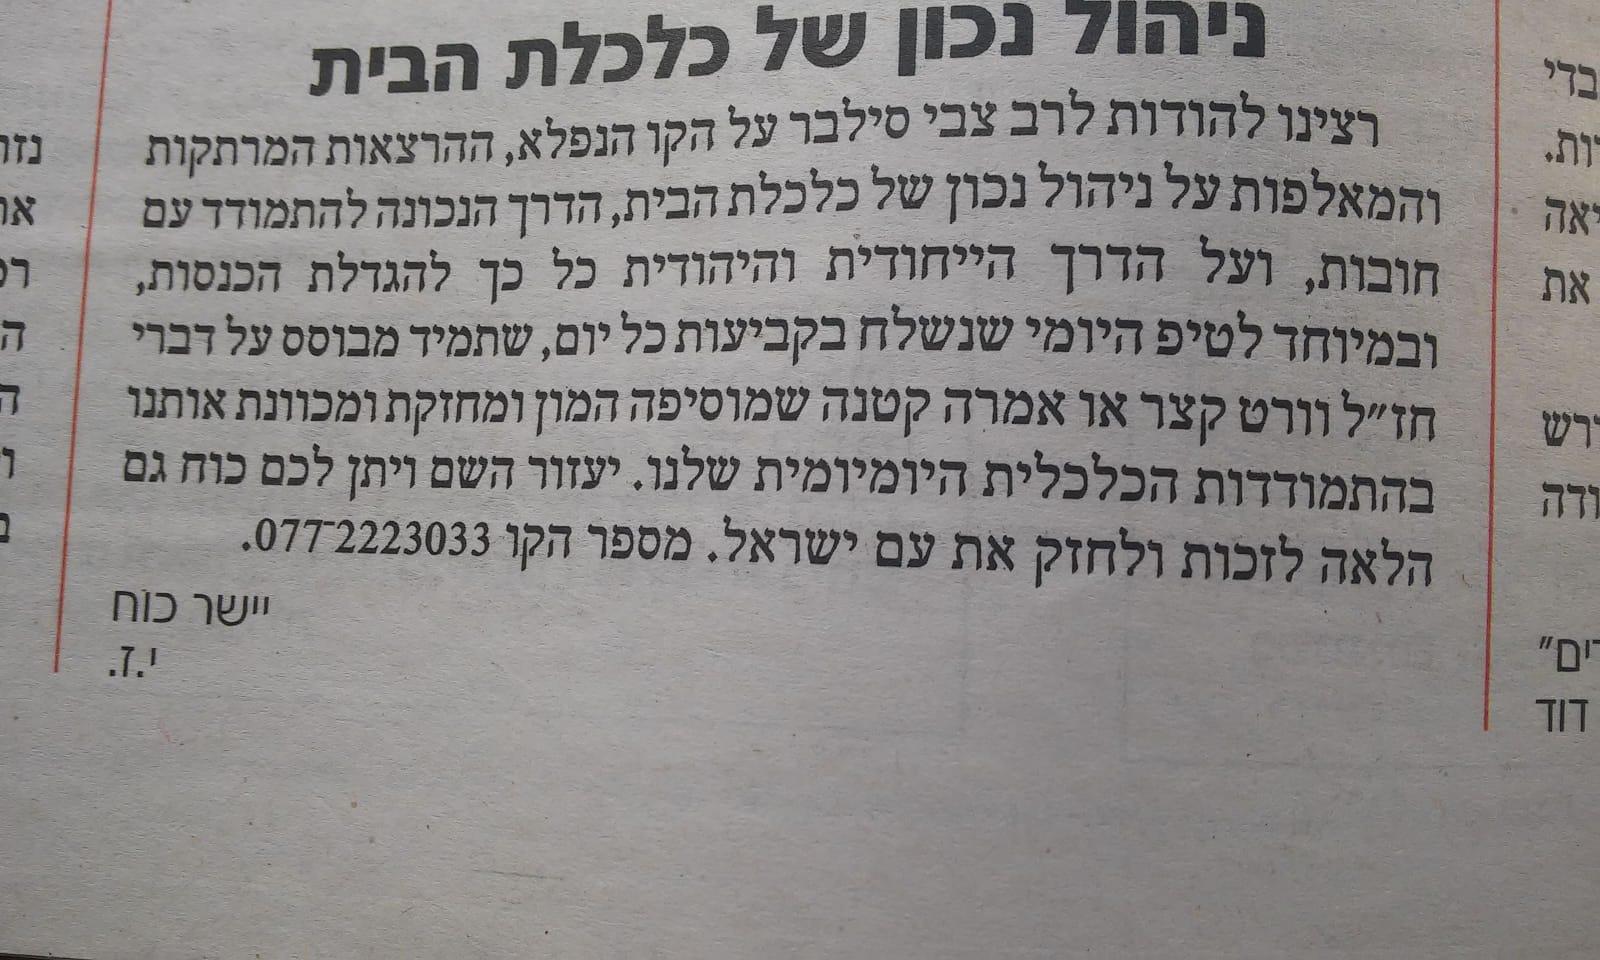 פרסום תודות לרב צבי סילבר בעיתון